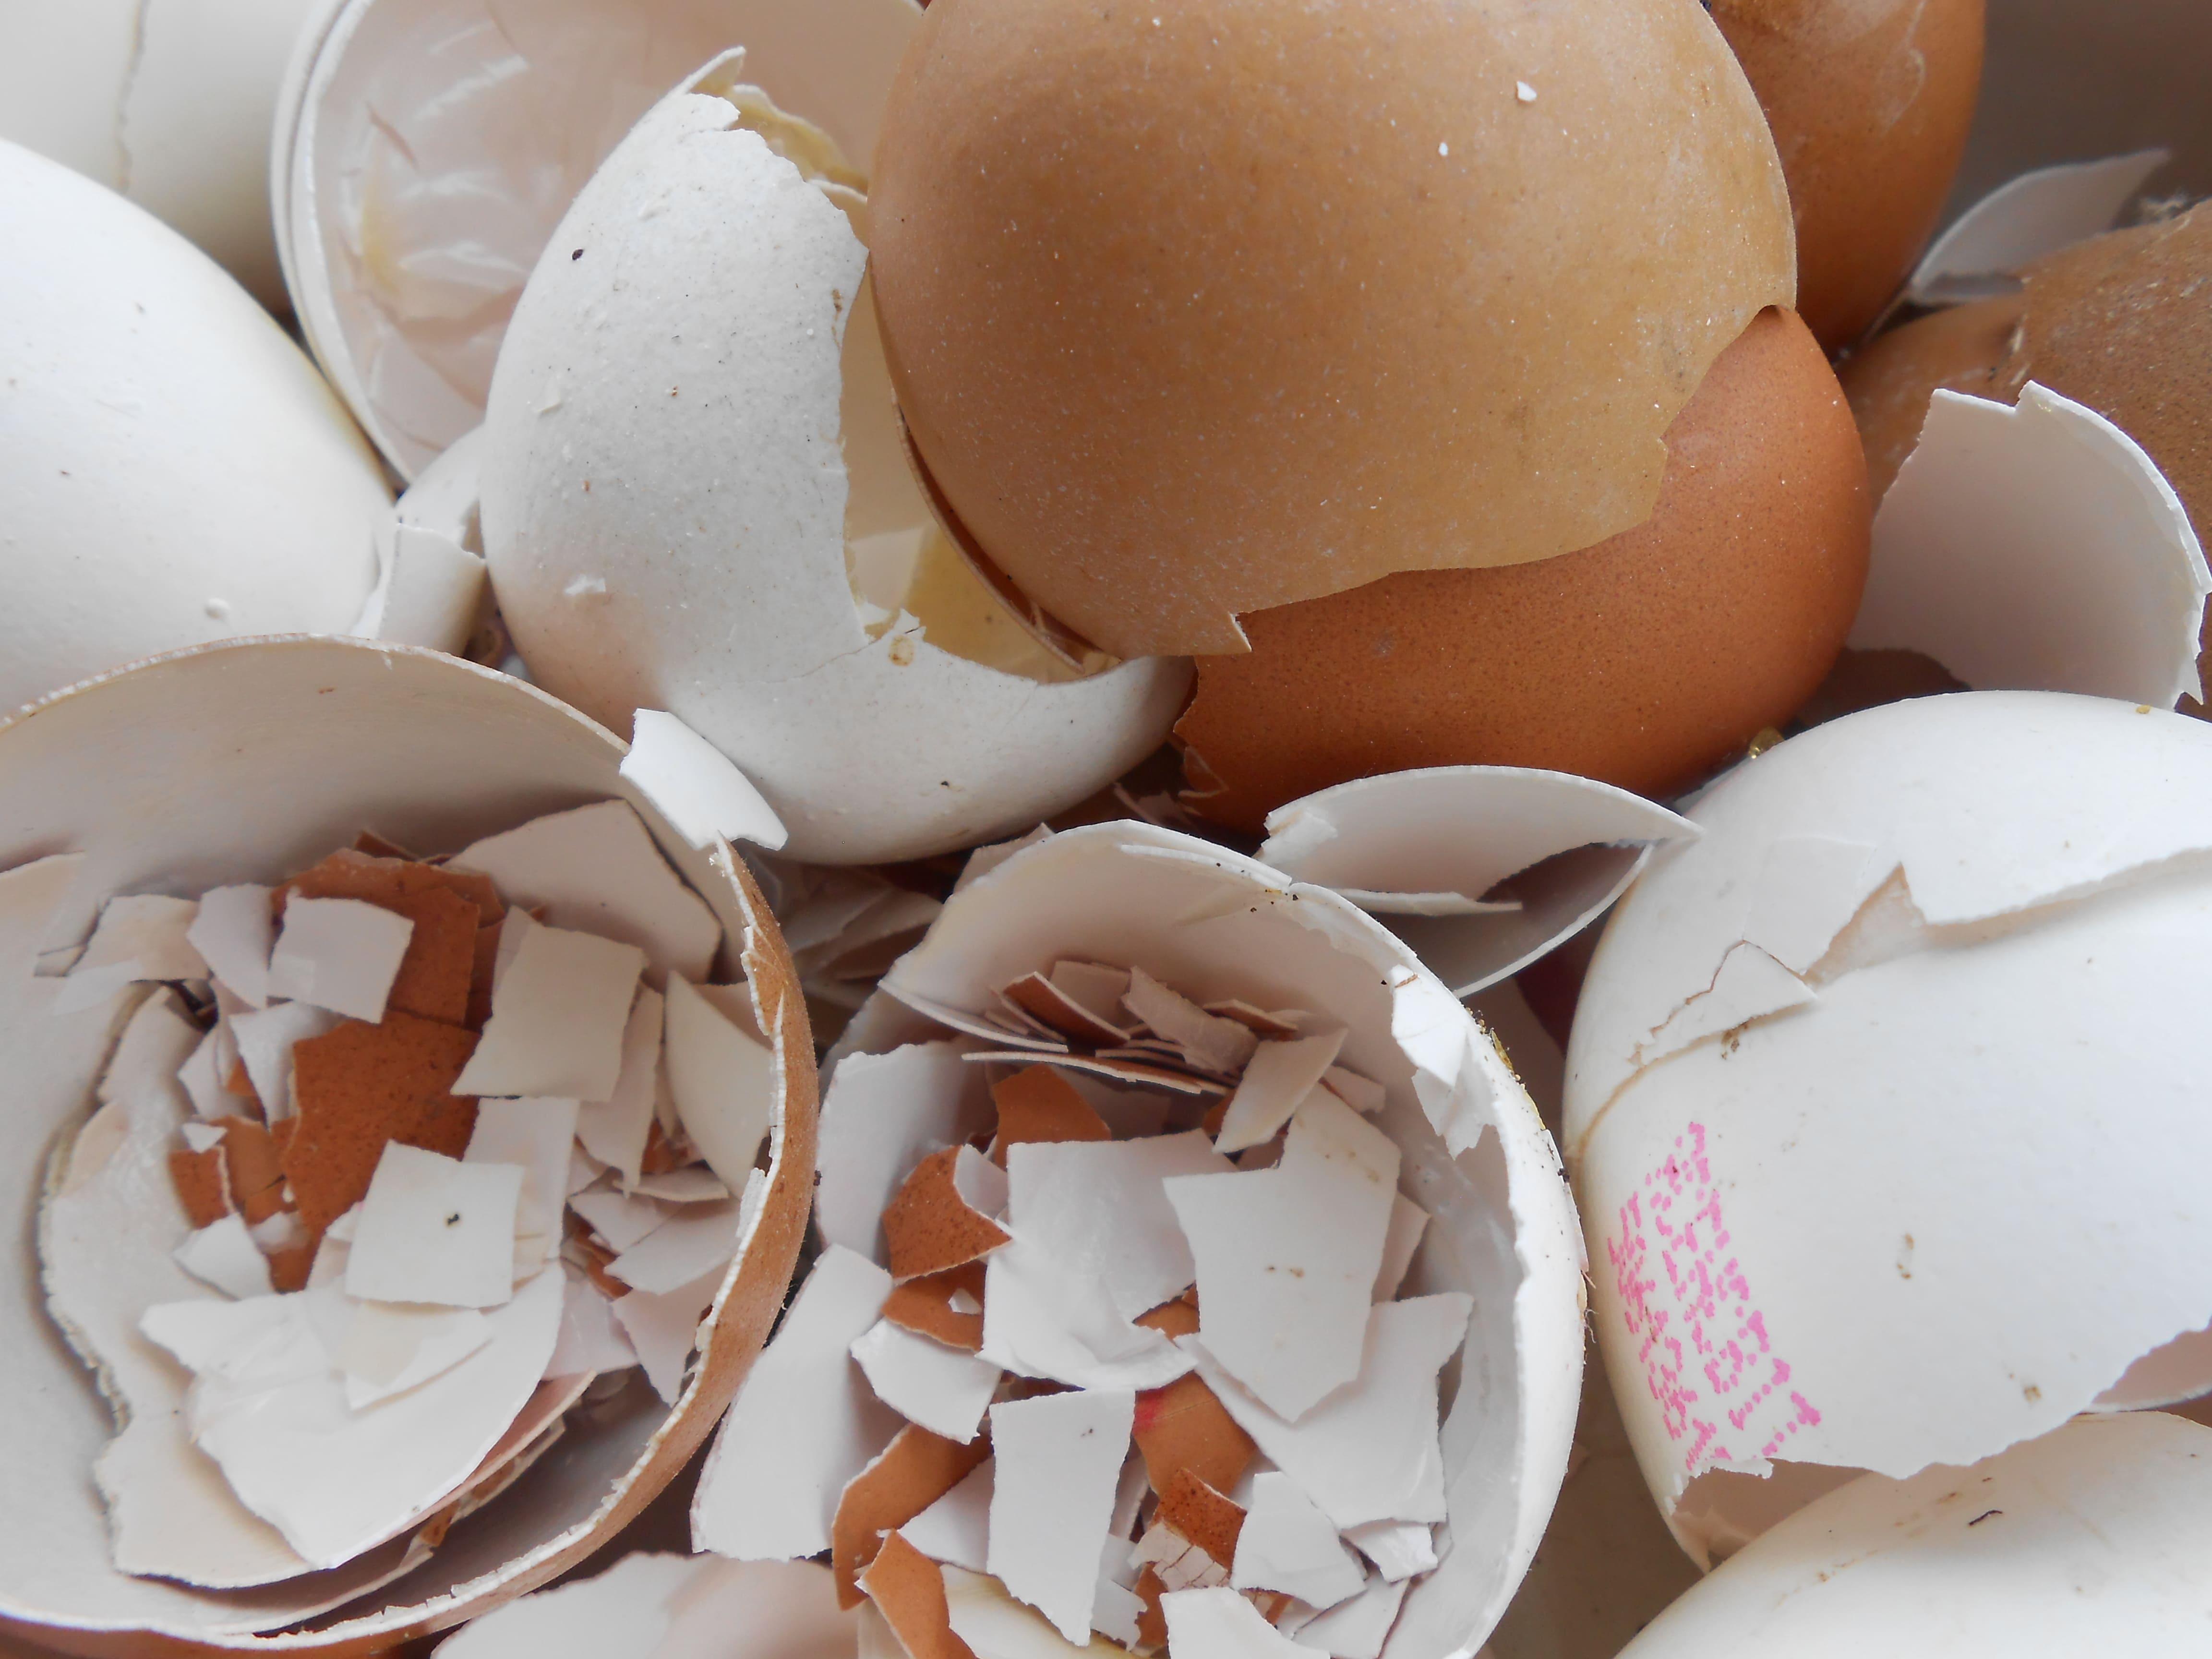 Яичная скорлупа для беременных польза и вред. применение яичной скорлупы при бронхиальной астме. яичная скорлупа в косметологии